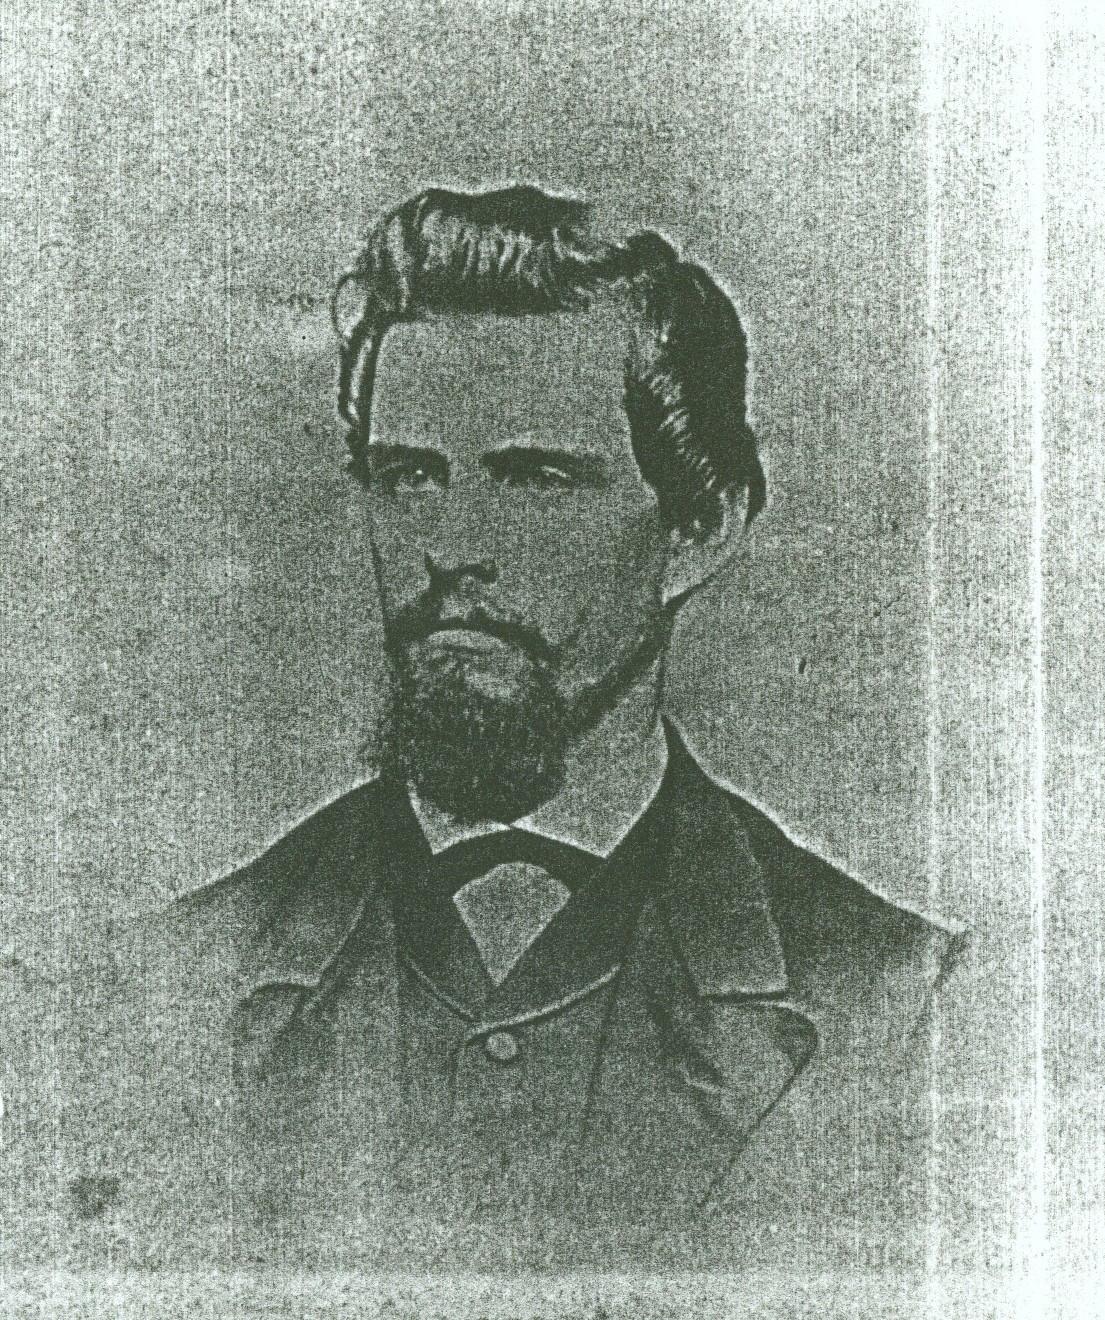 James W Kenedy